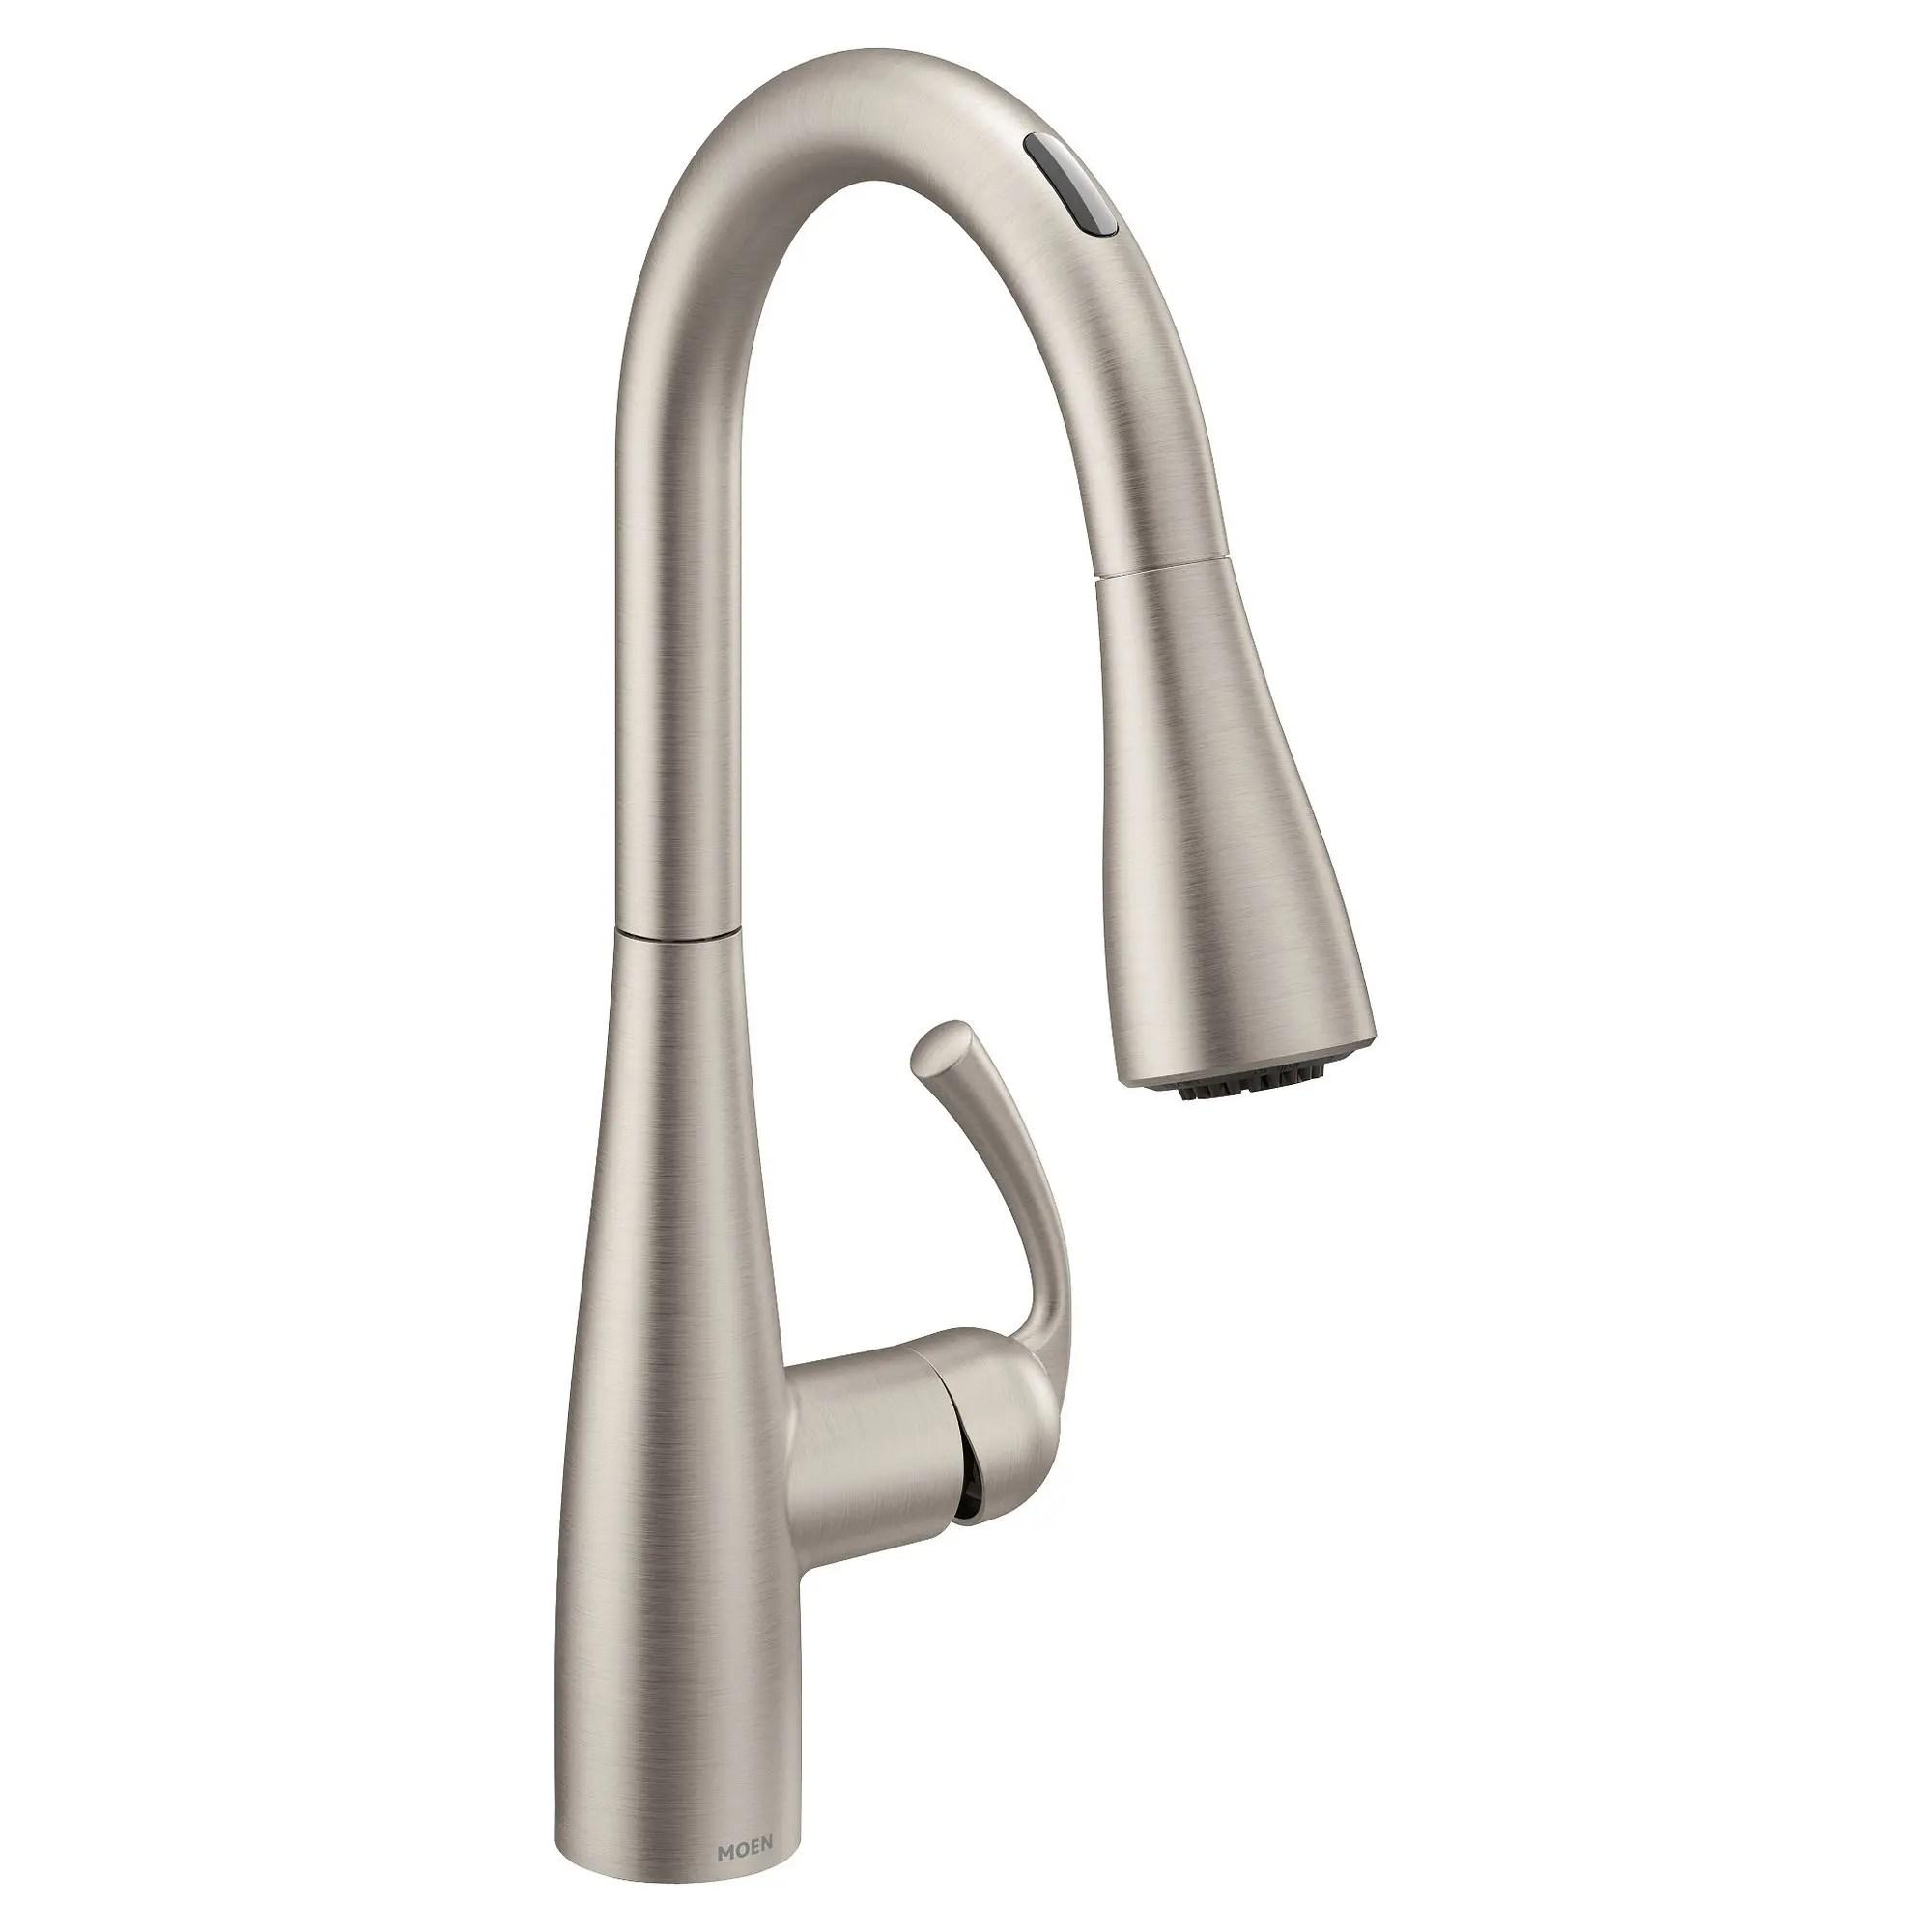 u by moen smart faucet in essie spot resist stainless